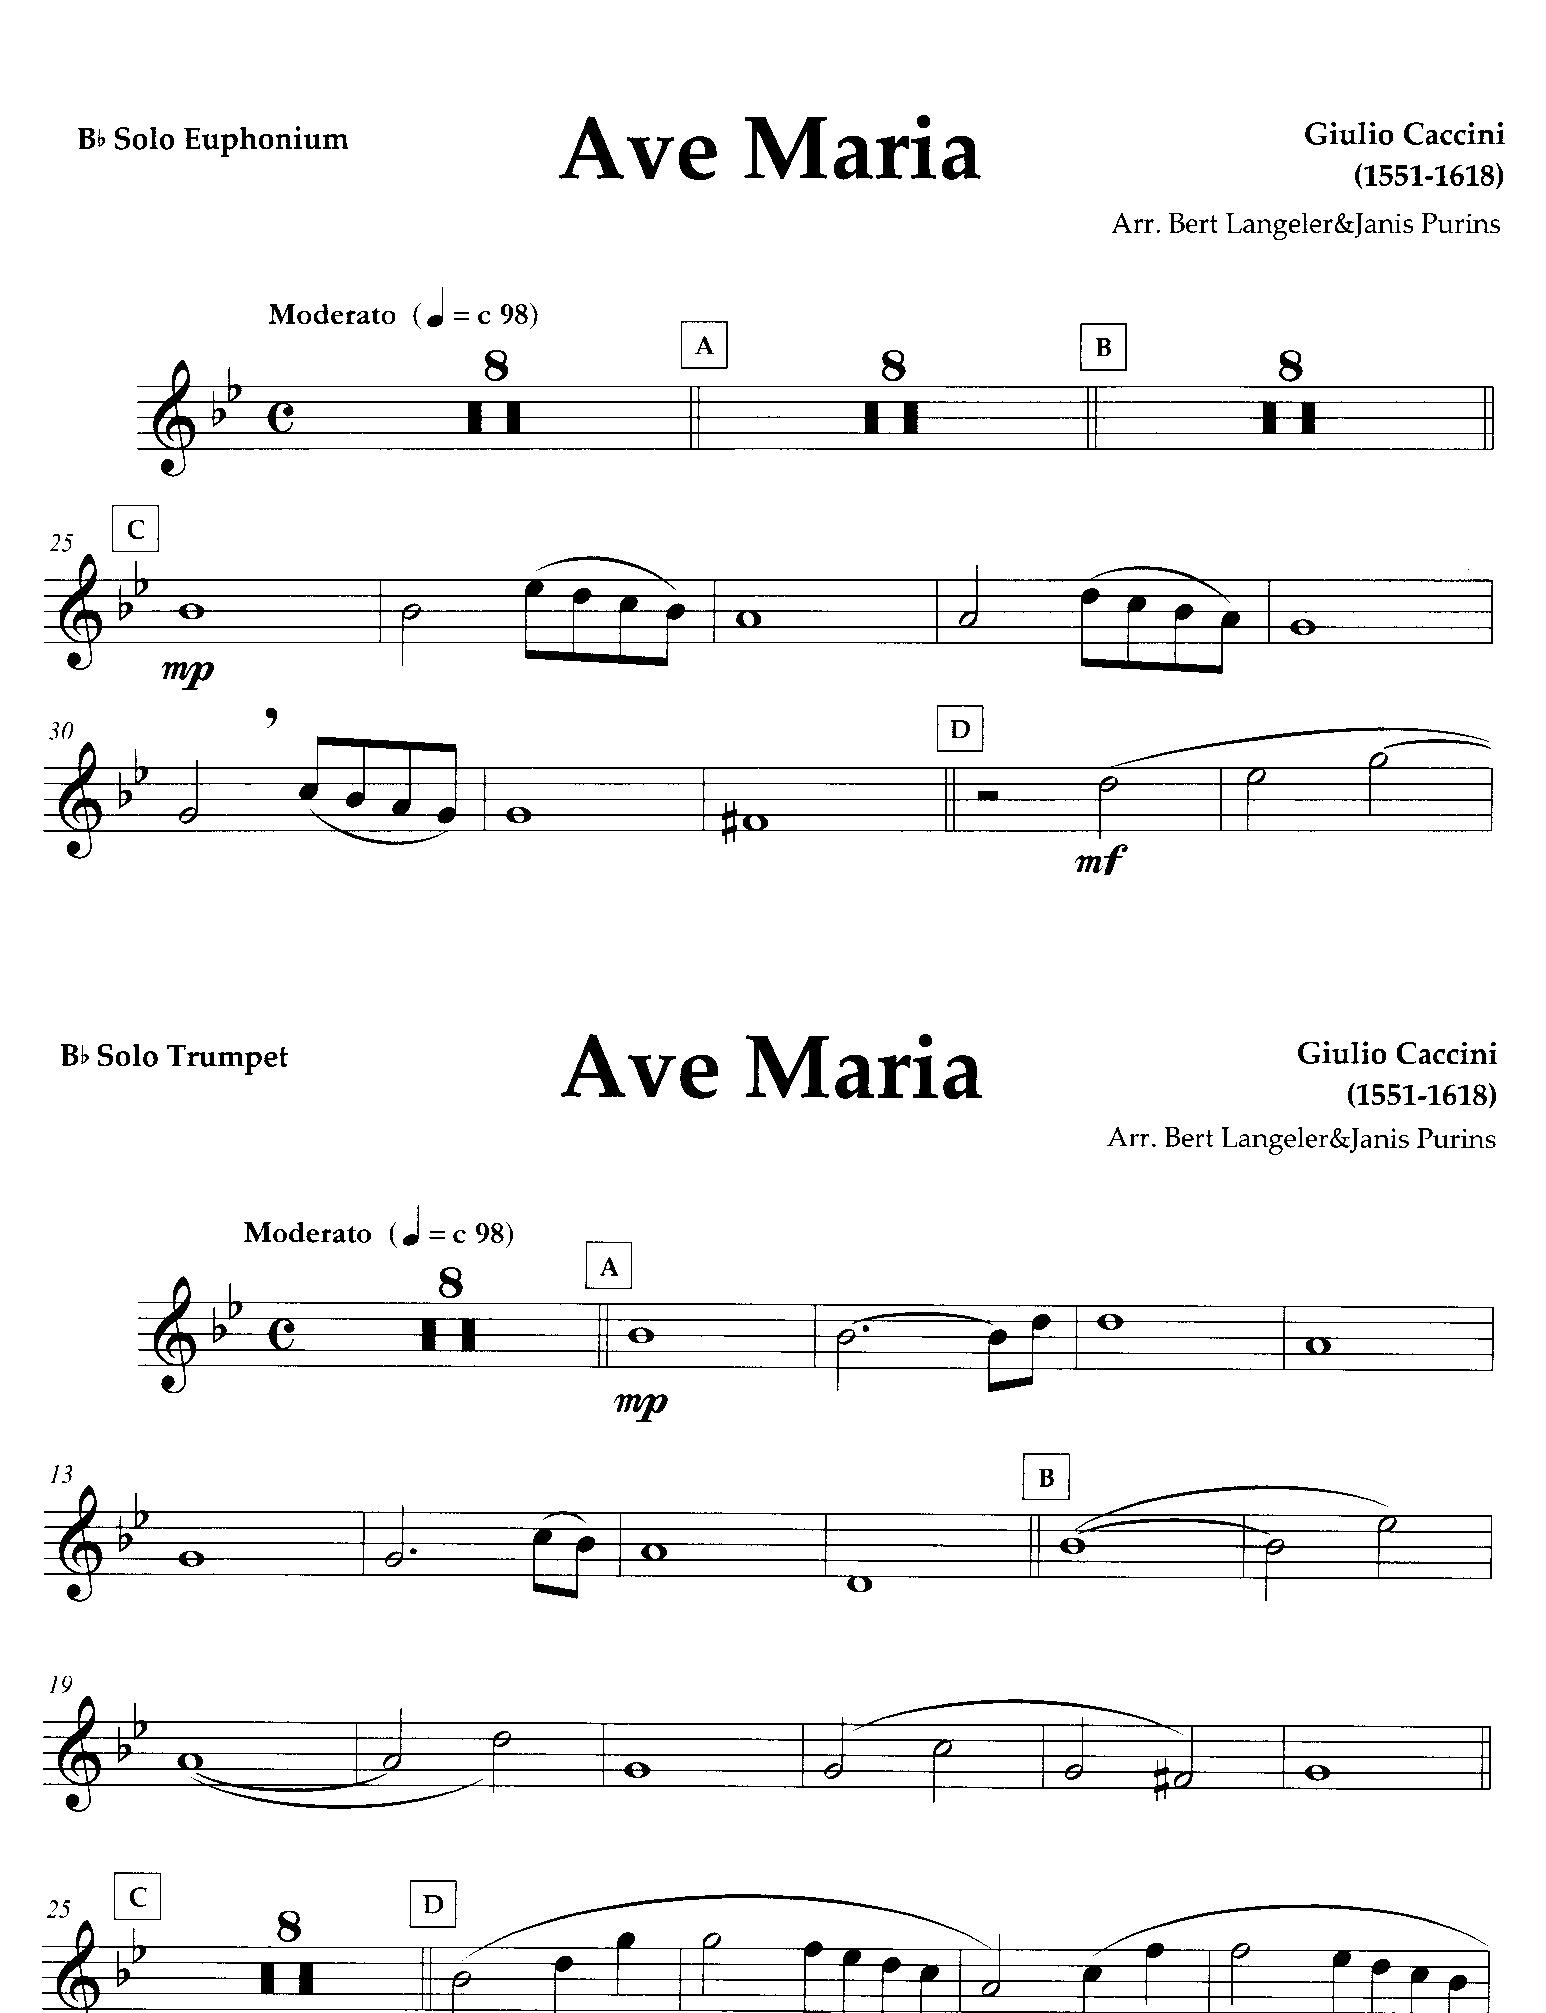 Ave Maria - Giulio Caccini Arr.Langeler/Purins - Duet for Euphonium ...